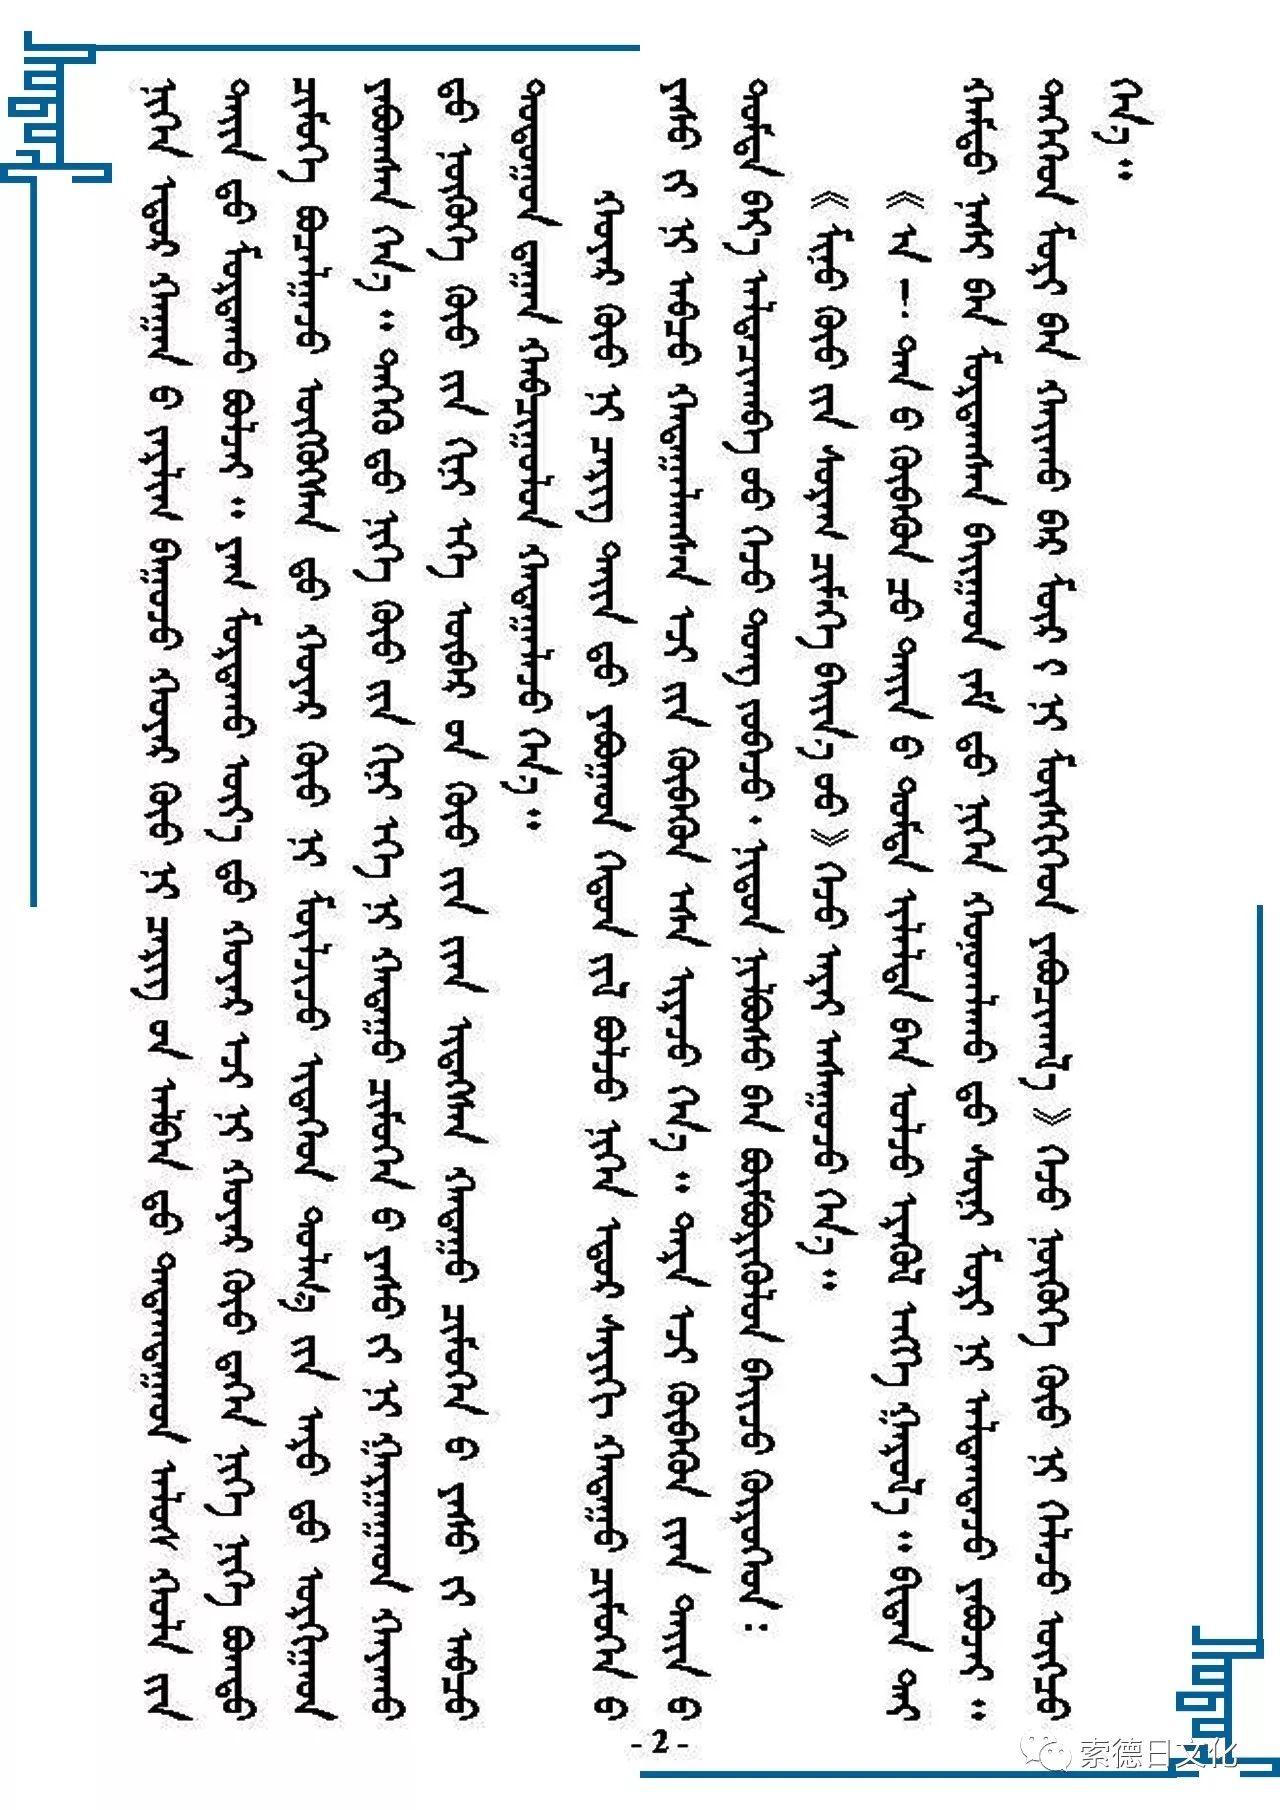 蒙古民俗故事 第2张